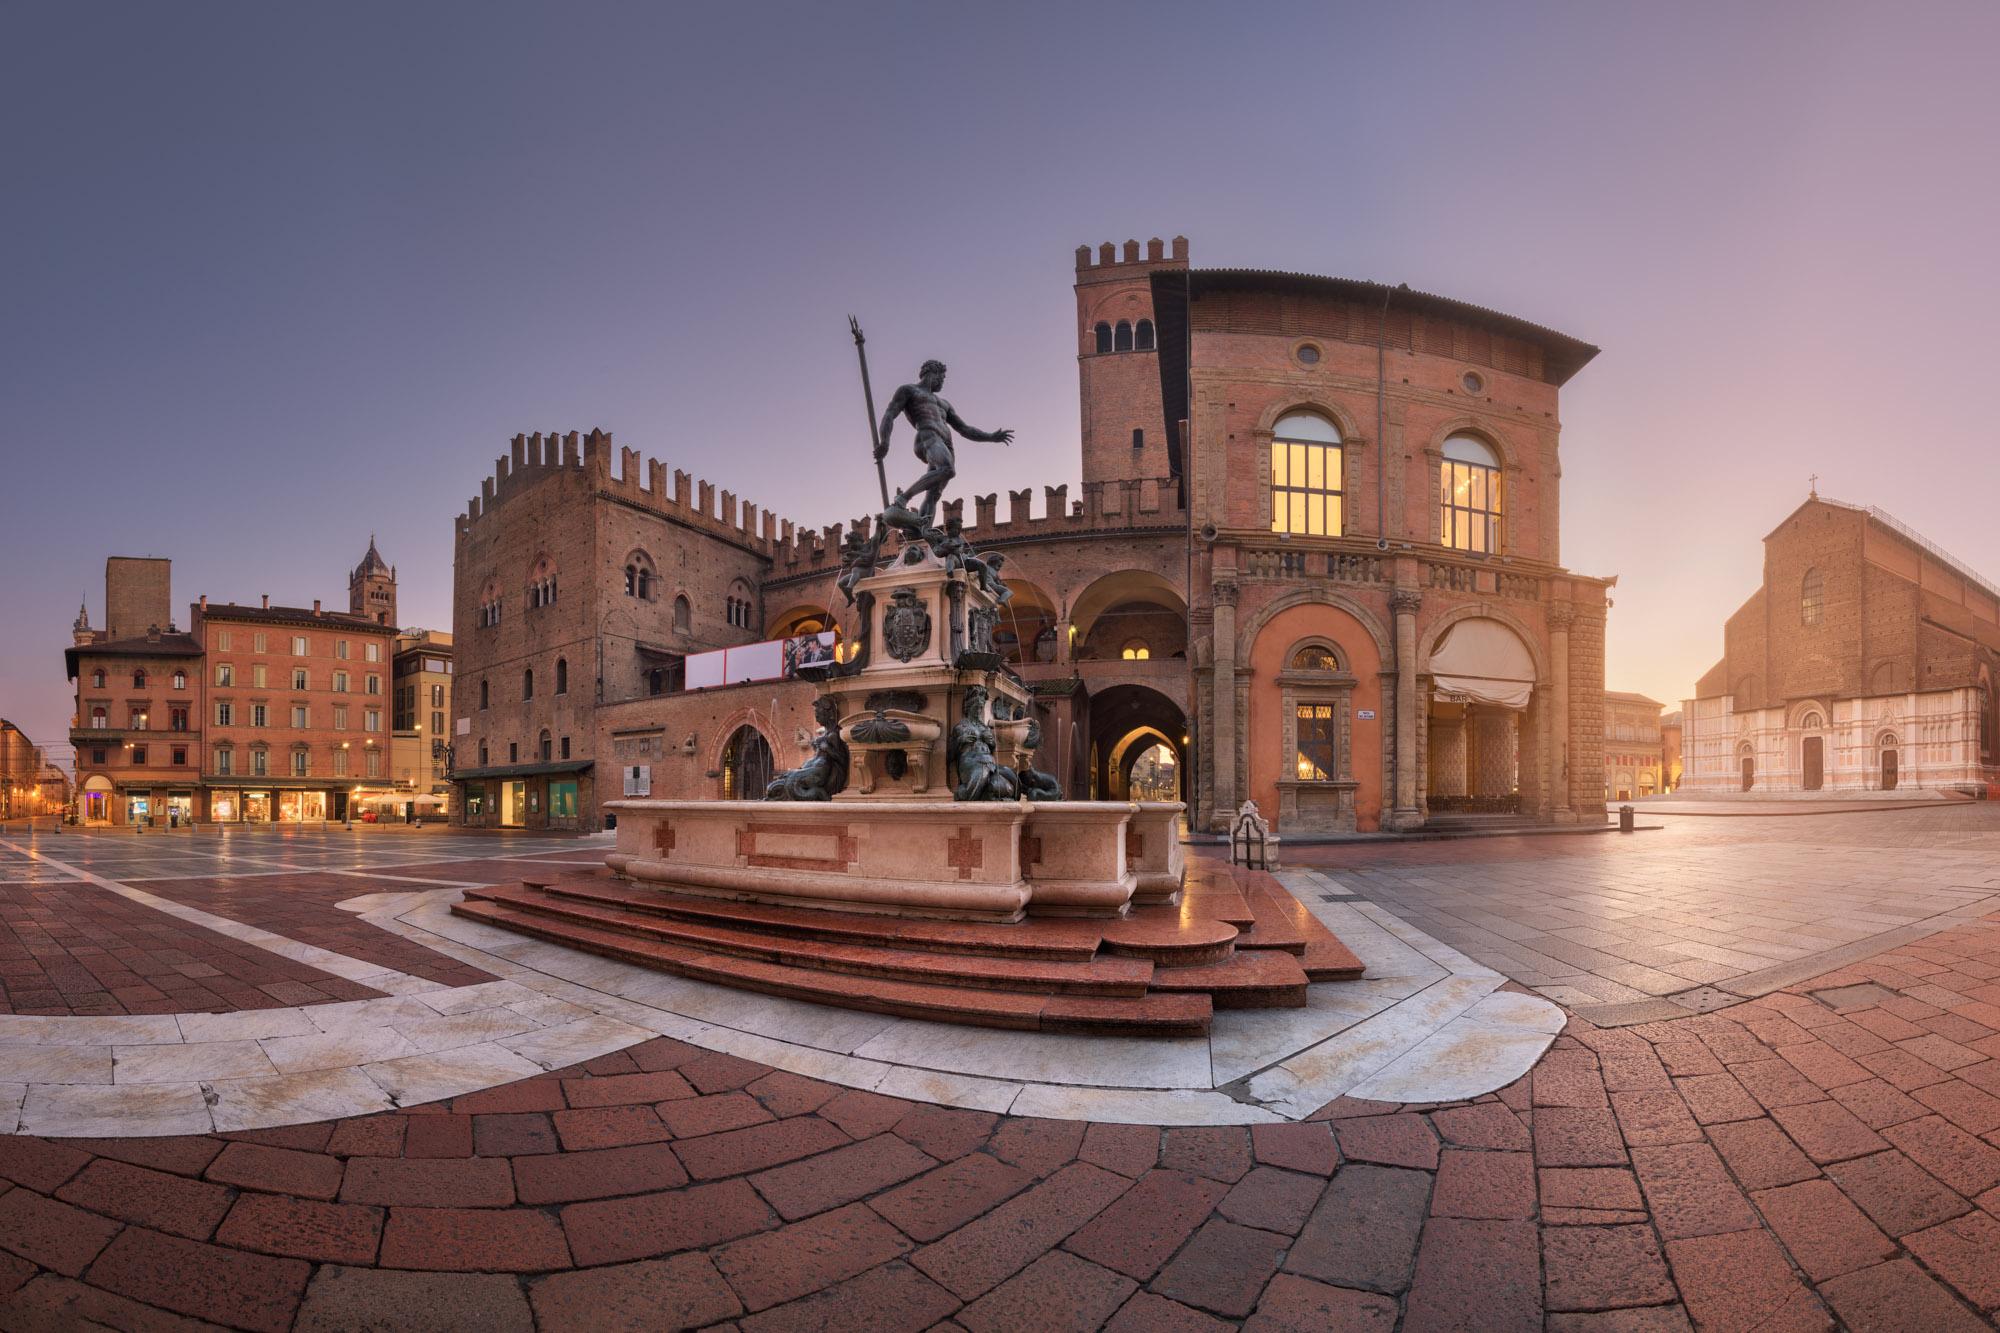 Fountain of Neptune and Piazza del Nettuno, Bologna, Italy